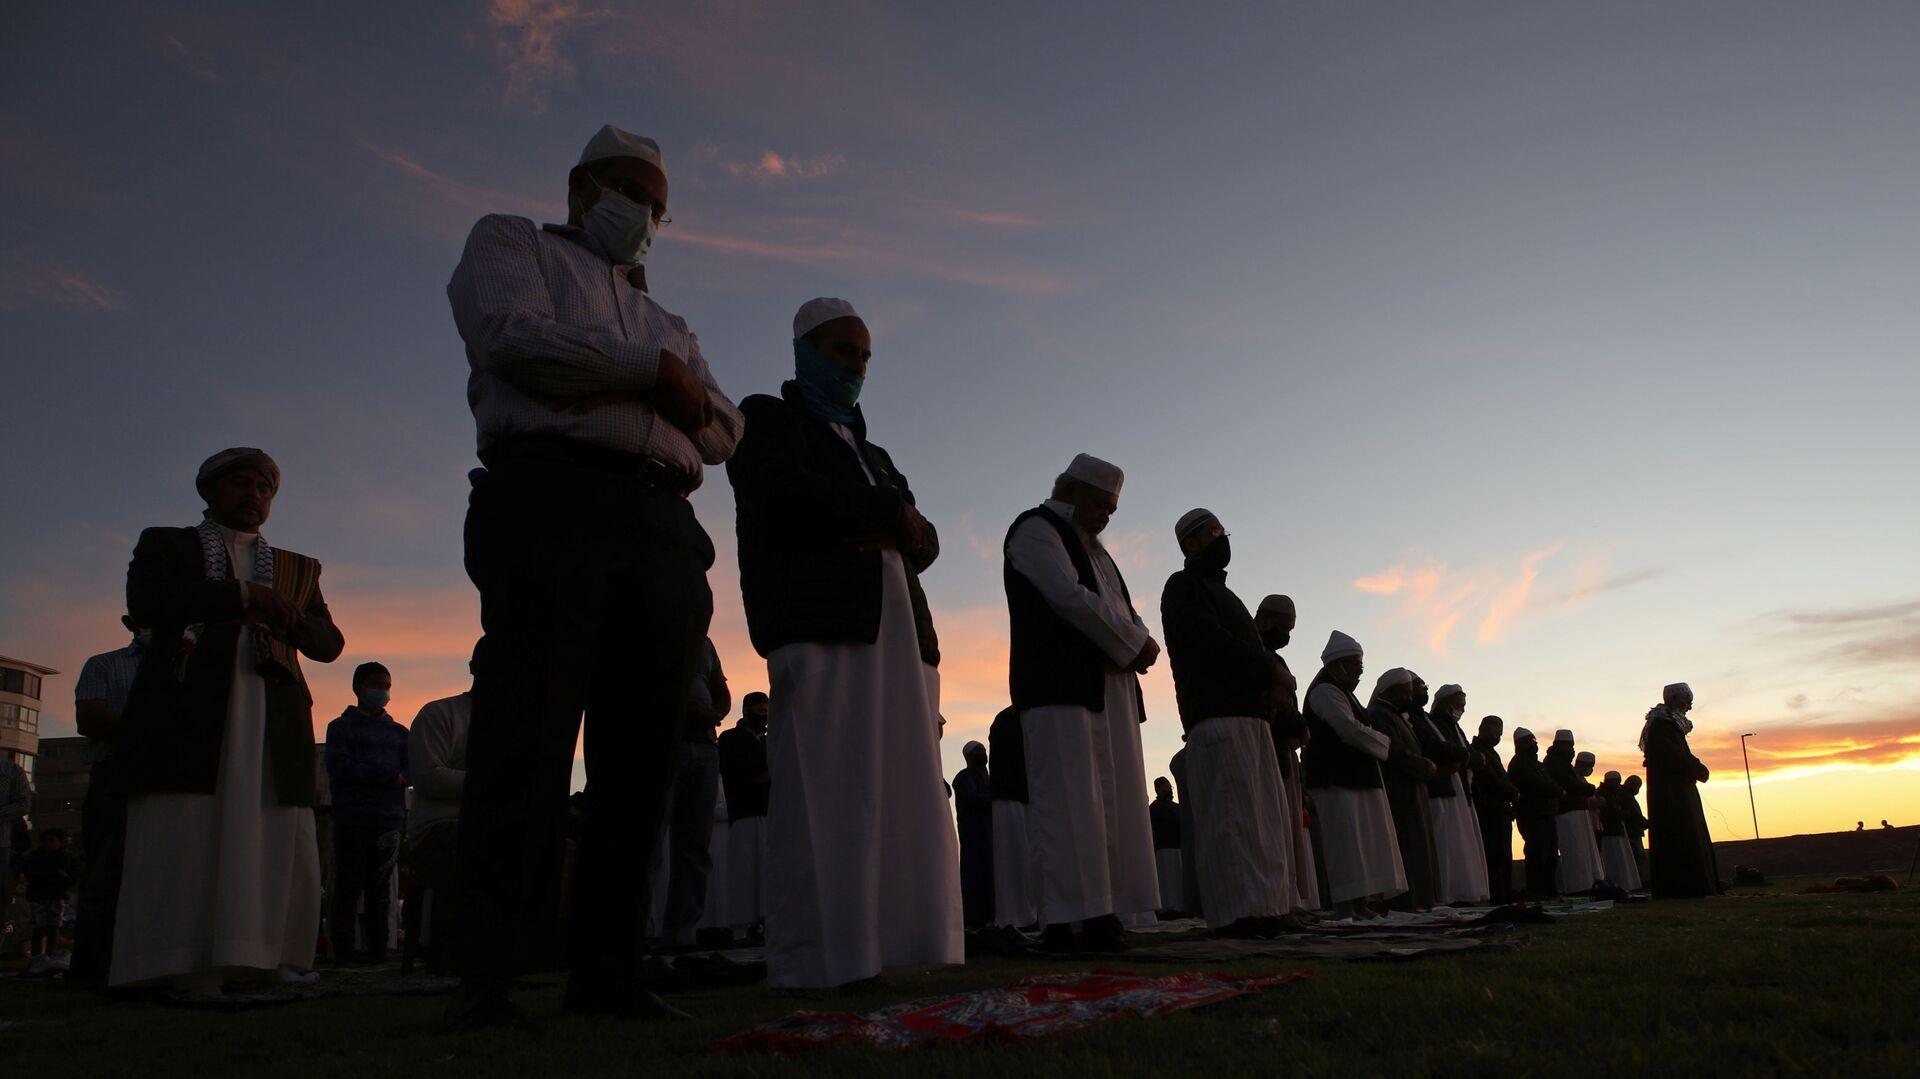 Мусульмане молятся в ожидании появления луны, знаменующей начало священного месяца Рамадан, на набережной в Кейптауне, Южная Африка - Sputnik Тоҷикистон, 1920, 19.04.2021